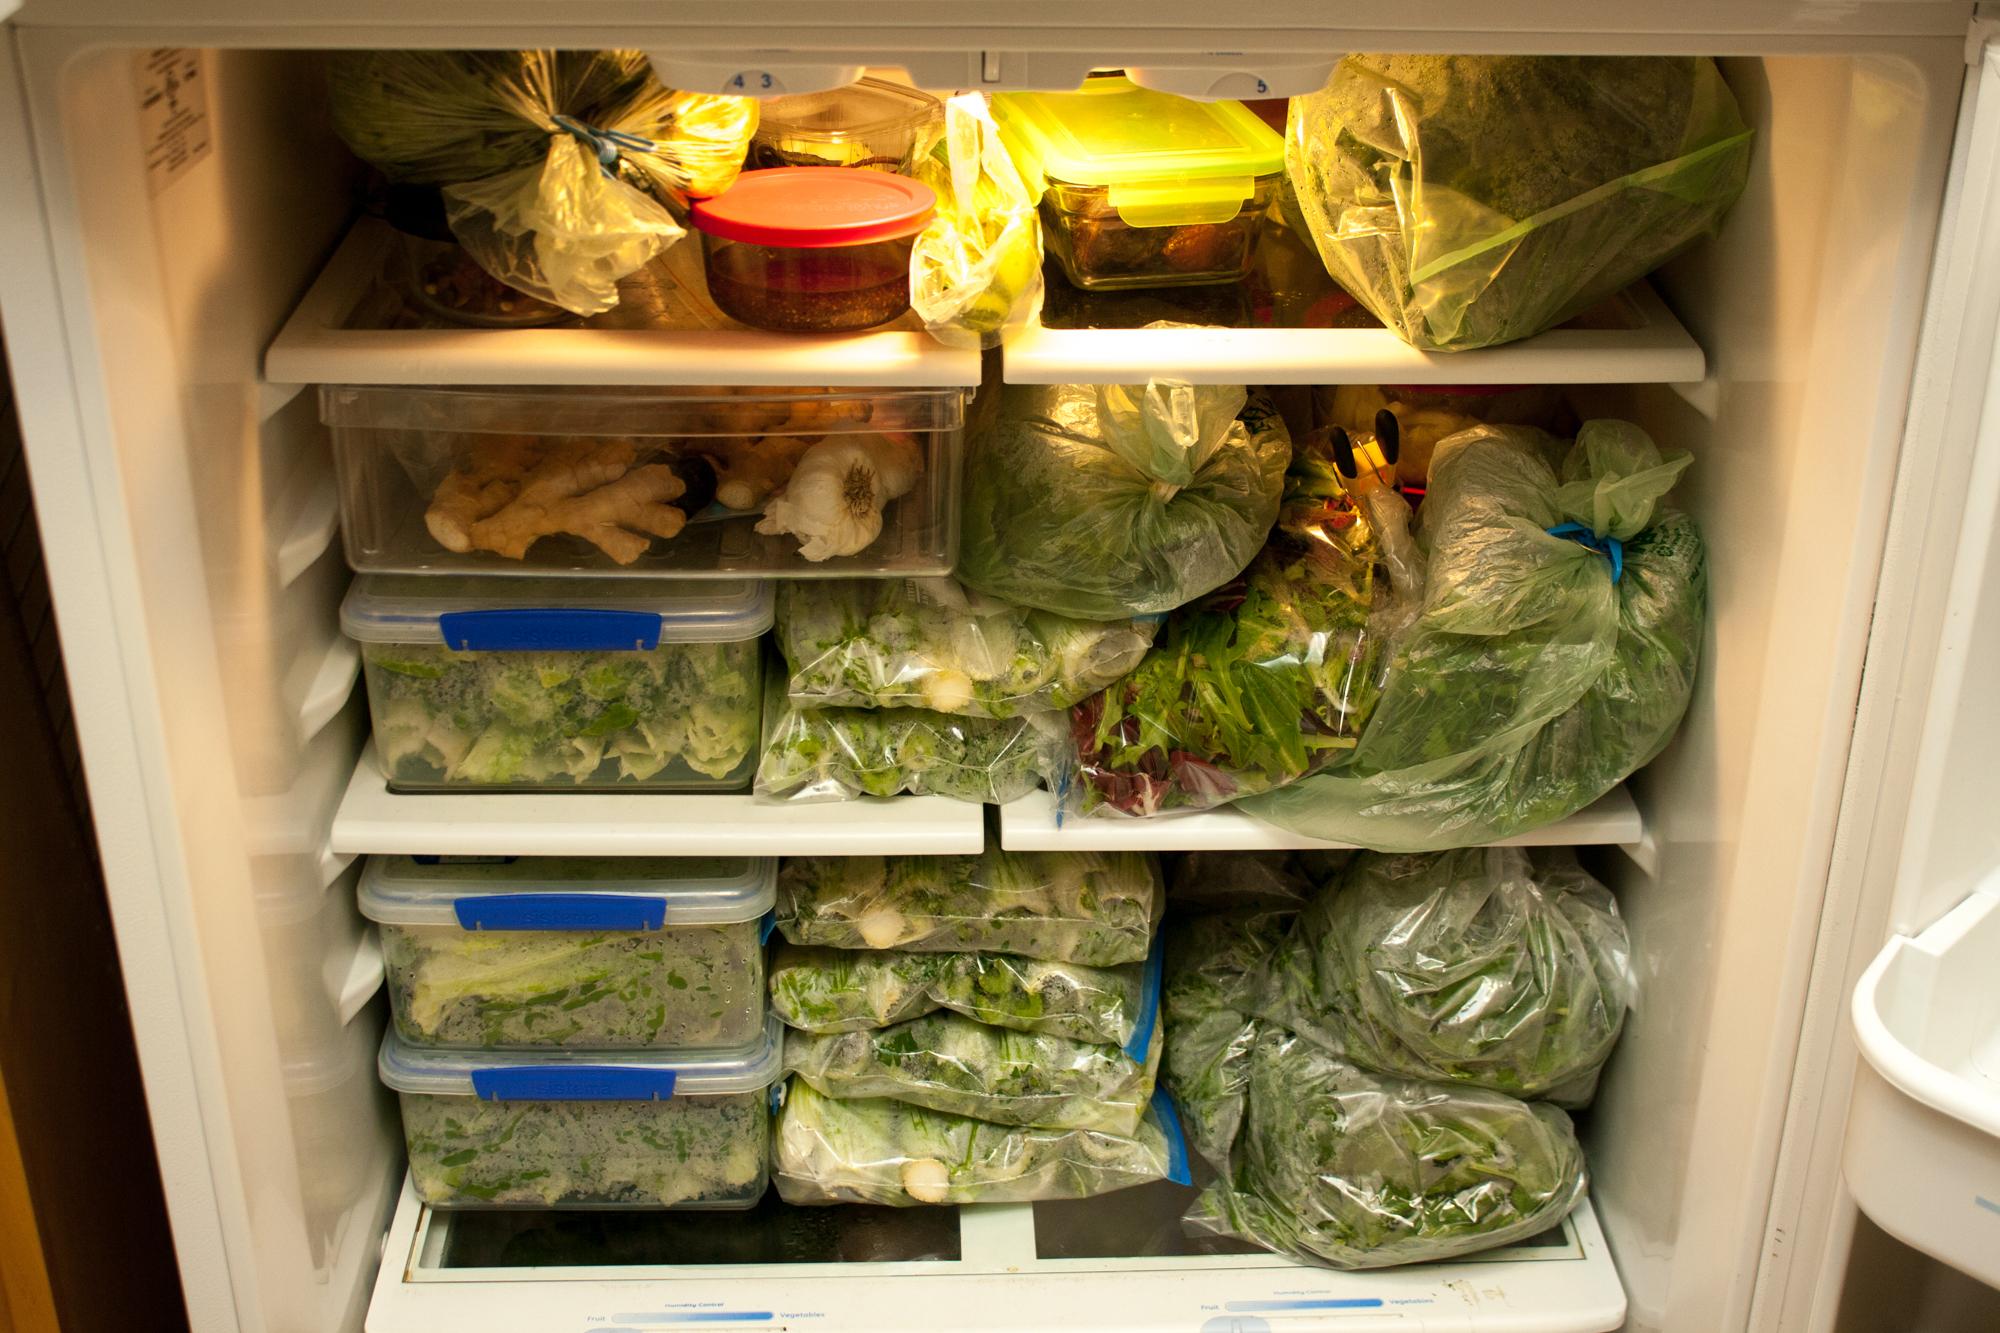 Diy juice cleanse worth it cute vegetables green juice veggie storage malvernweather Images